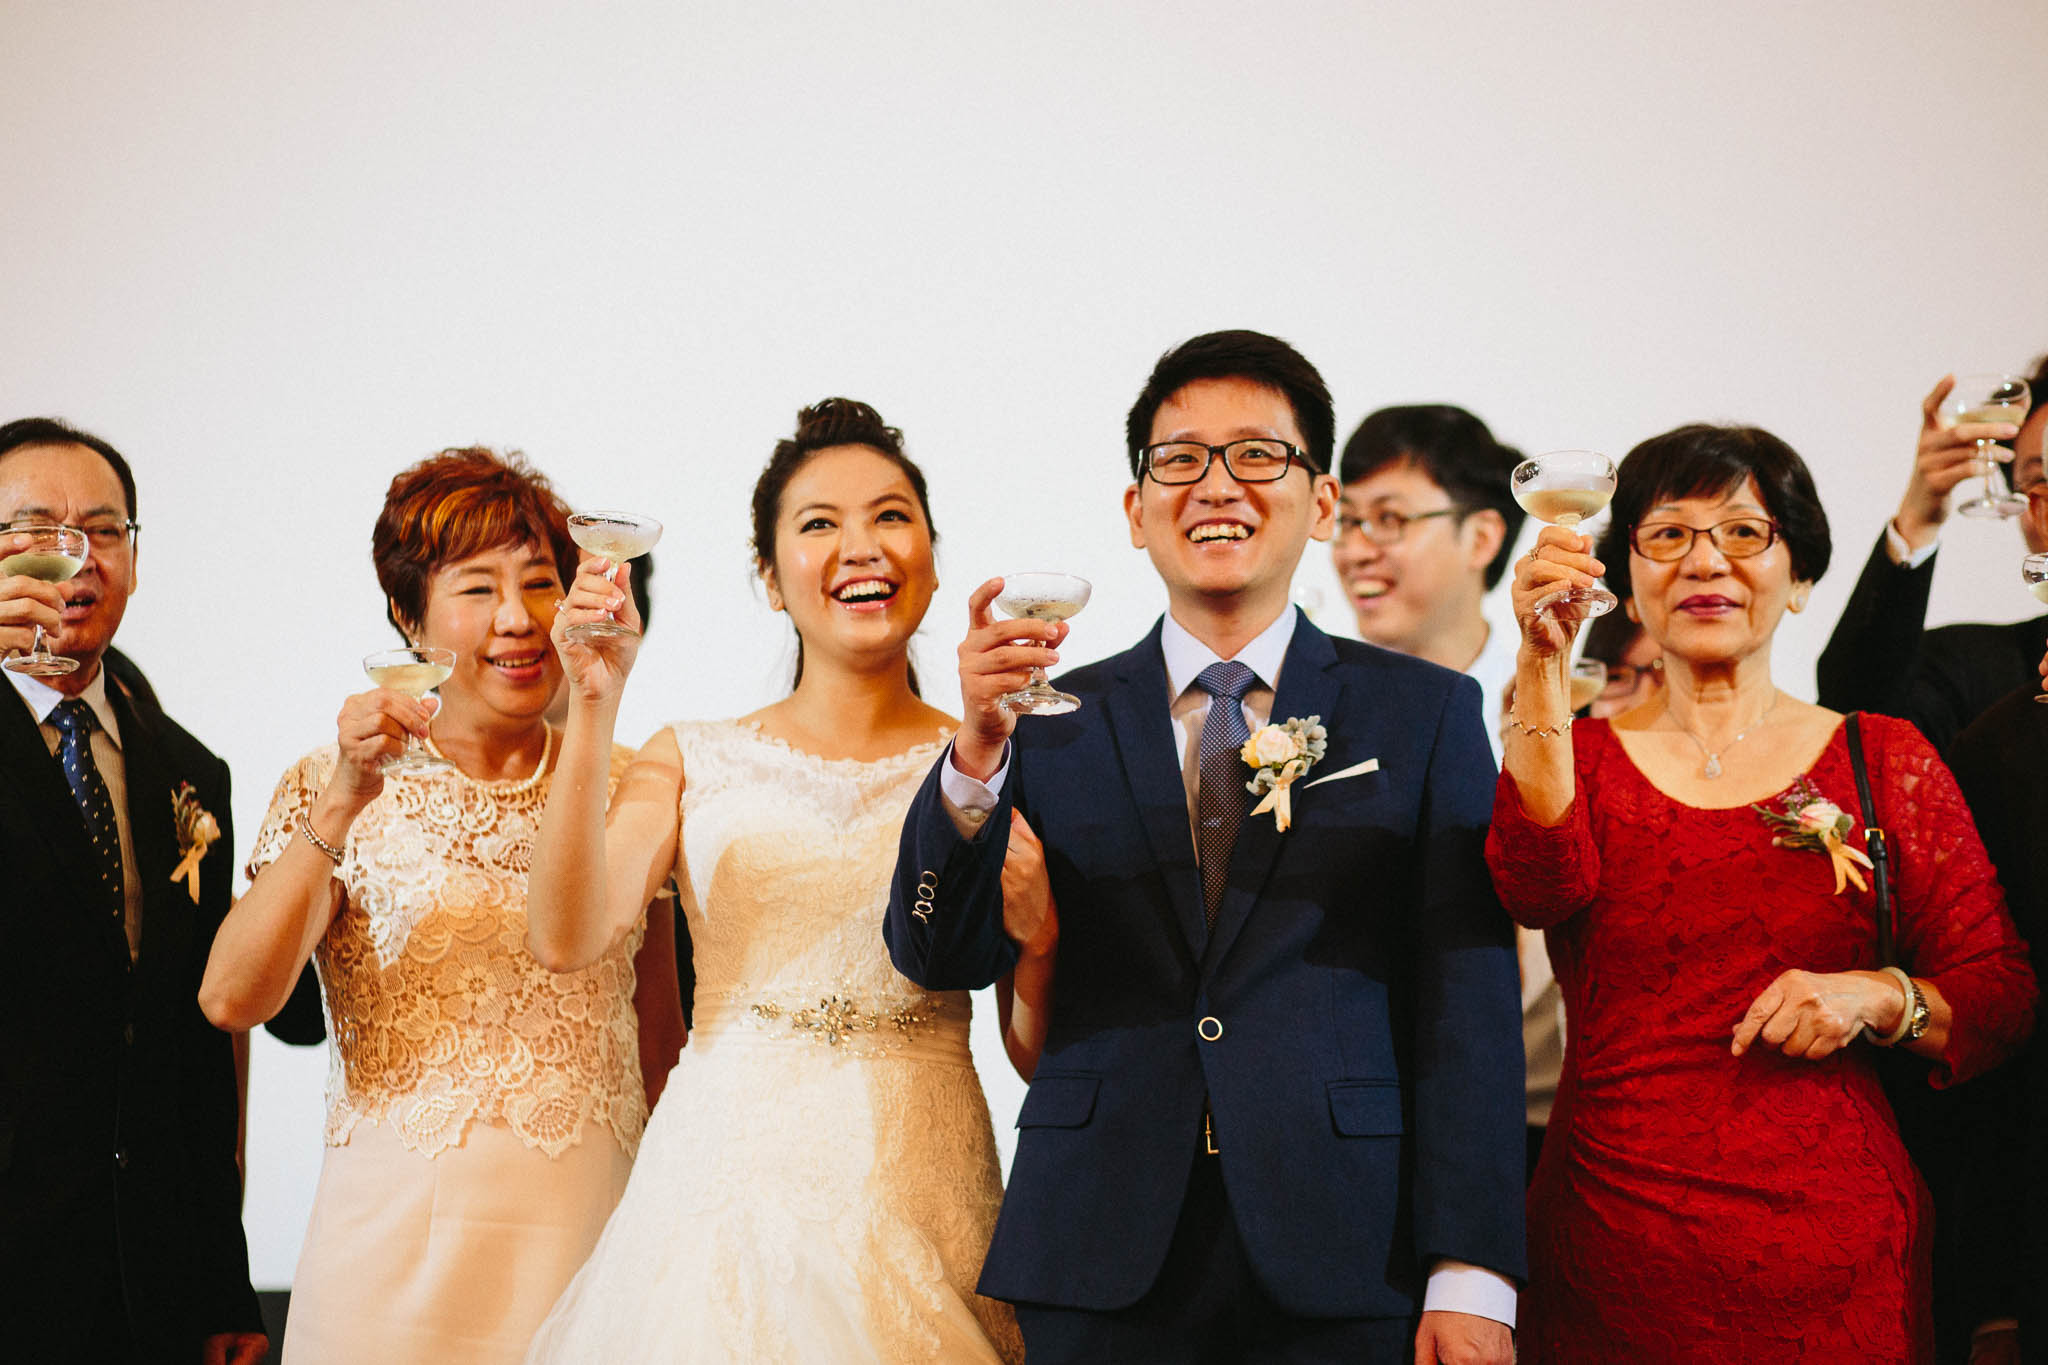 singapore-wedding-photographer-zhongwei-shihui-057.jpg